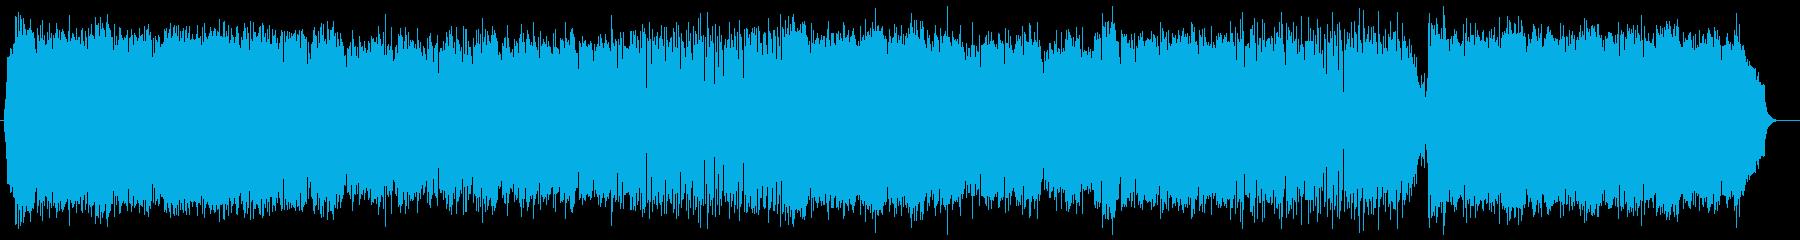 神秘的で美しいシンセサイザーサウンドの再生済みの波形